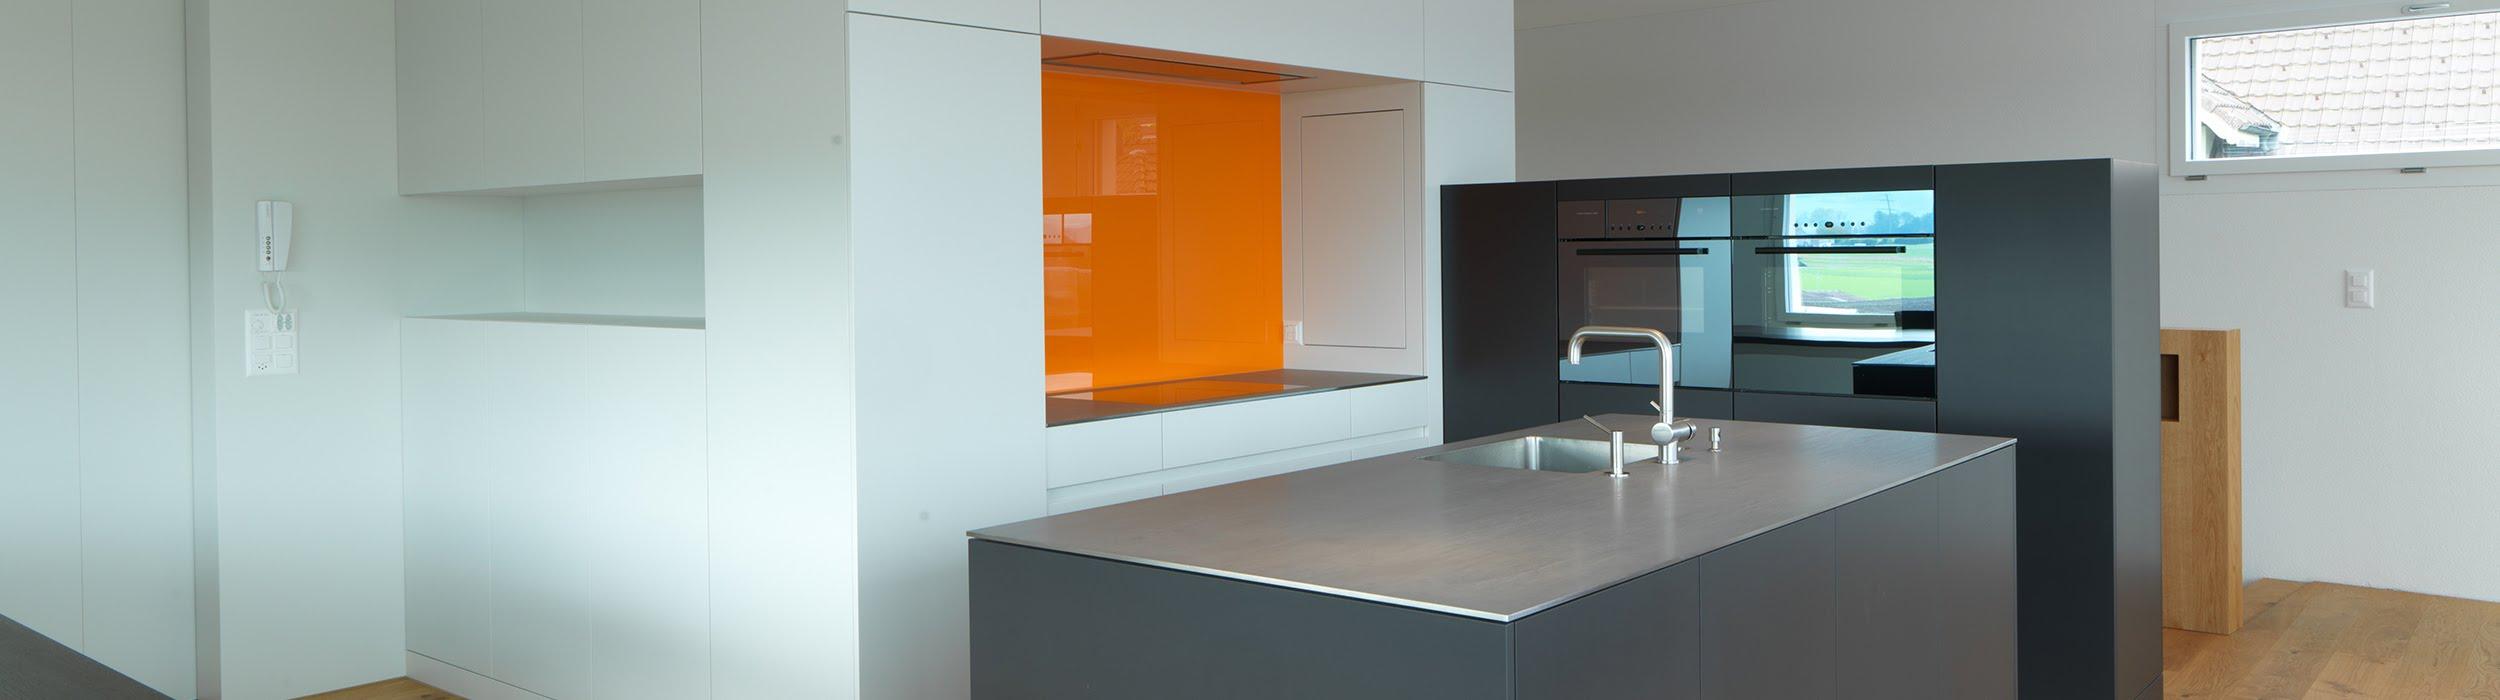 Küchen werden immer mehr zum Ort der Begegnung - Sursee, Willisau, Aargau, Zentralschweiz, Luzern, Zofingen